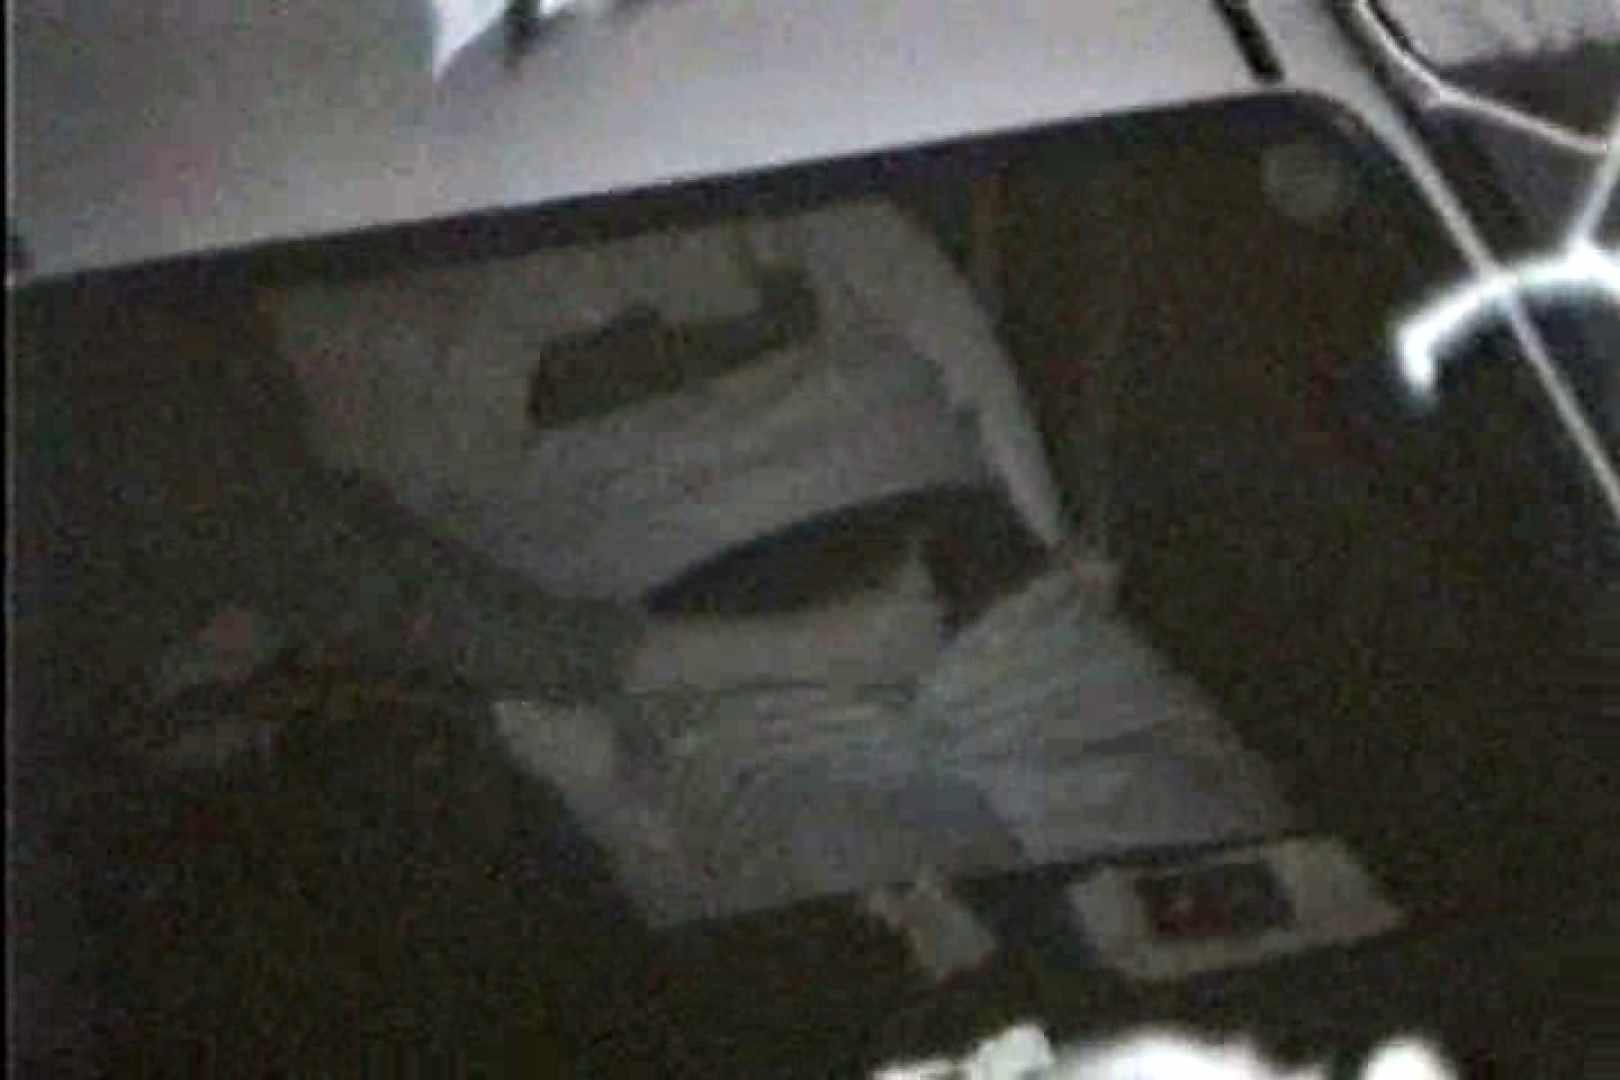 車の中はラブホテル 無修正版  Vol.8 ホテル ヌード画像 102PIX 60